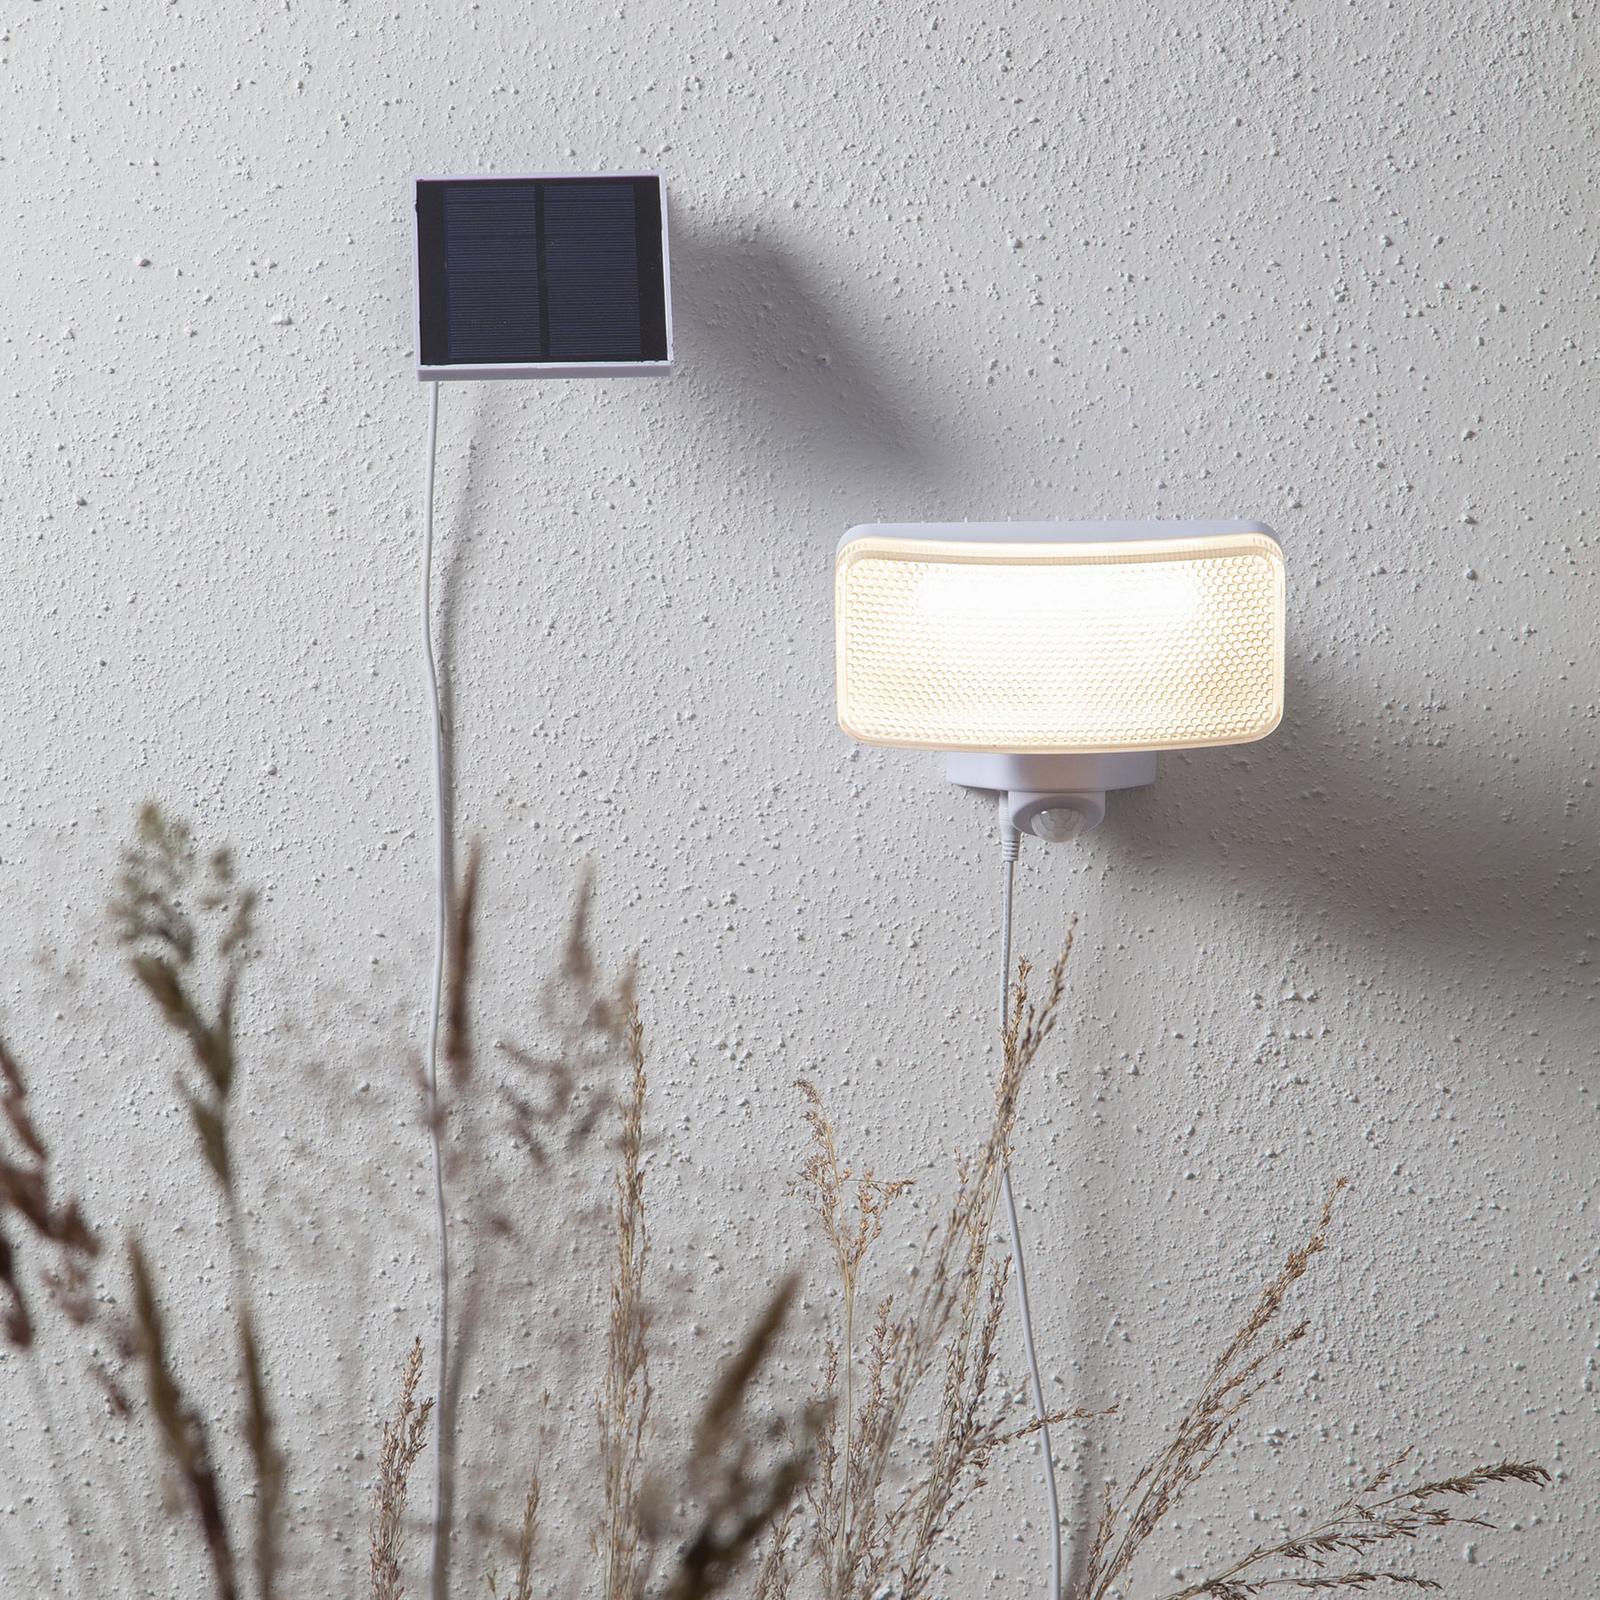 LED-sollampe Powerspot Sensor kantet hvit 350 lm